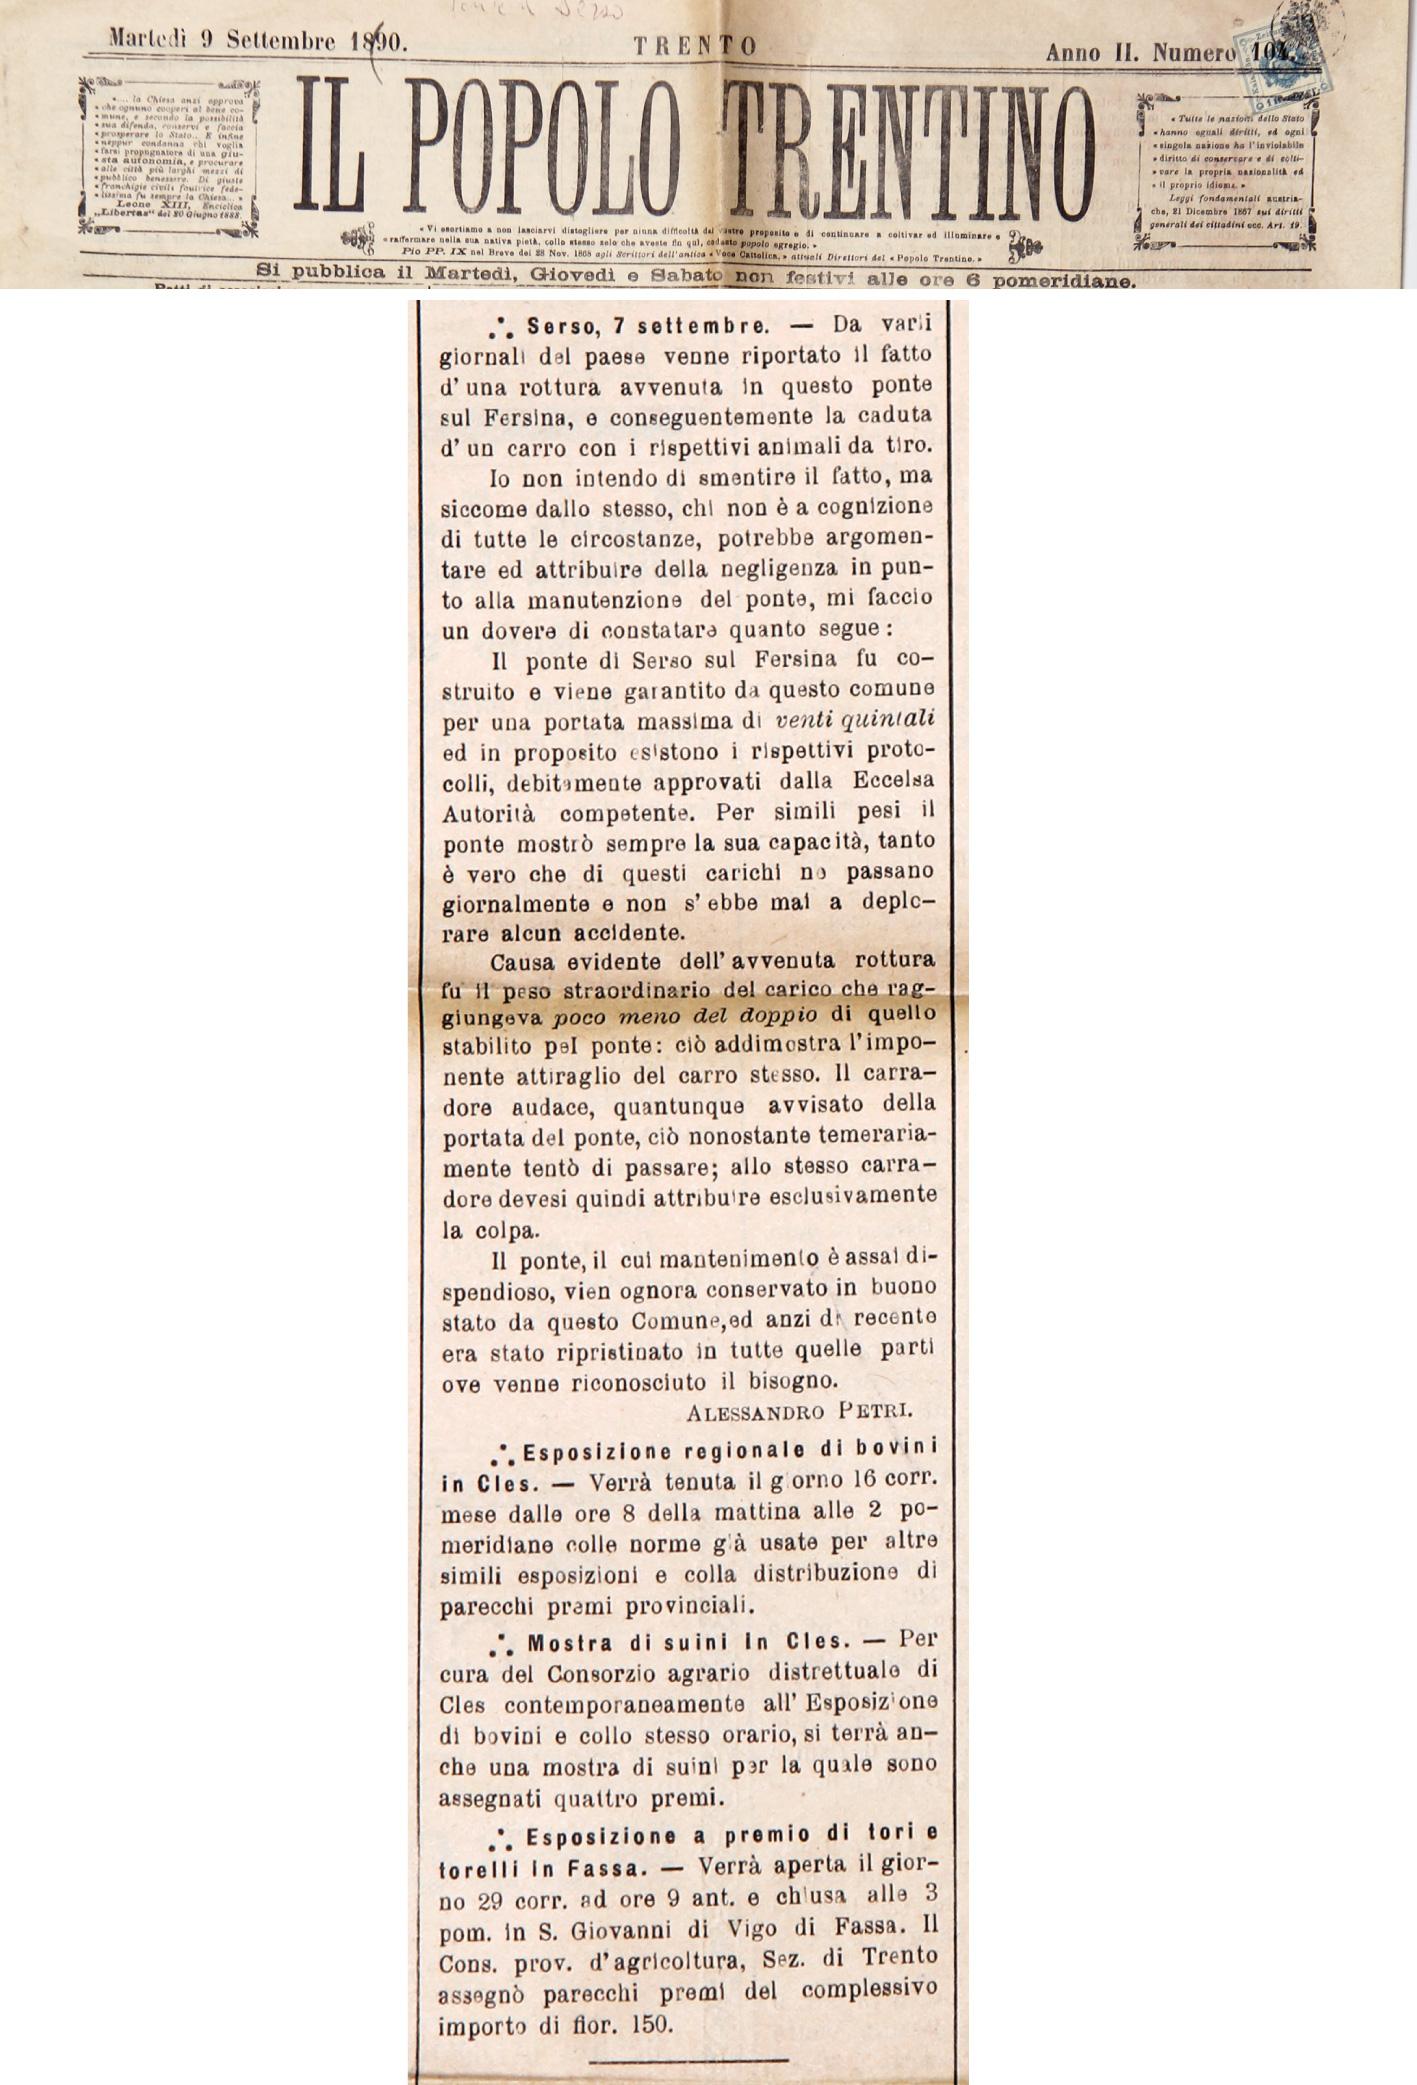 articoliGIORNALIstorici.indd